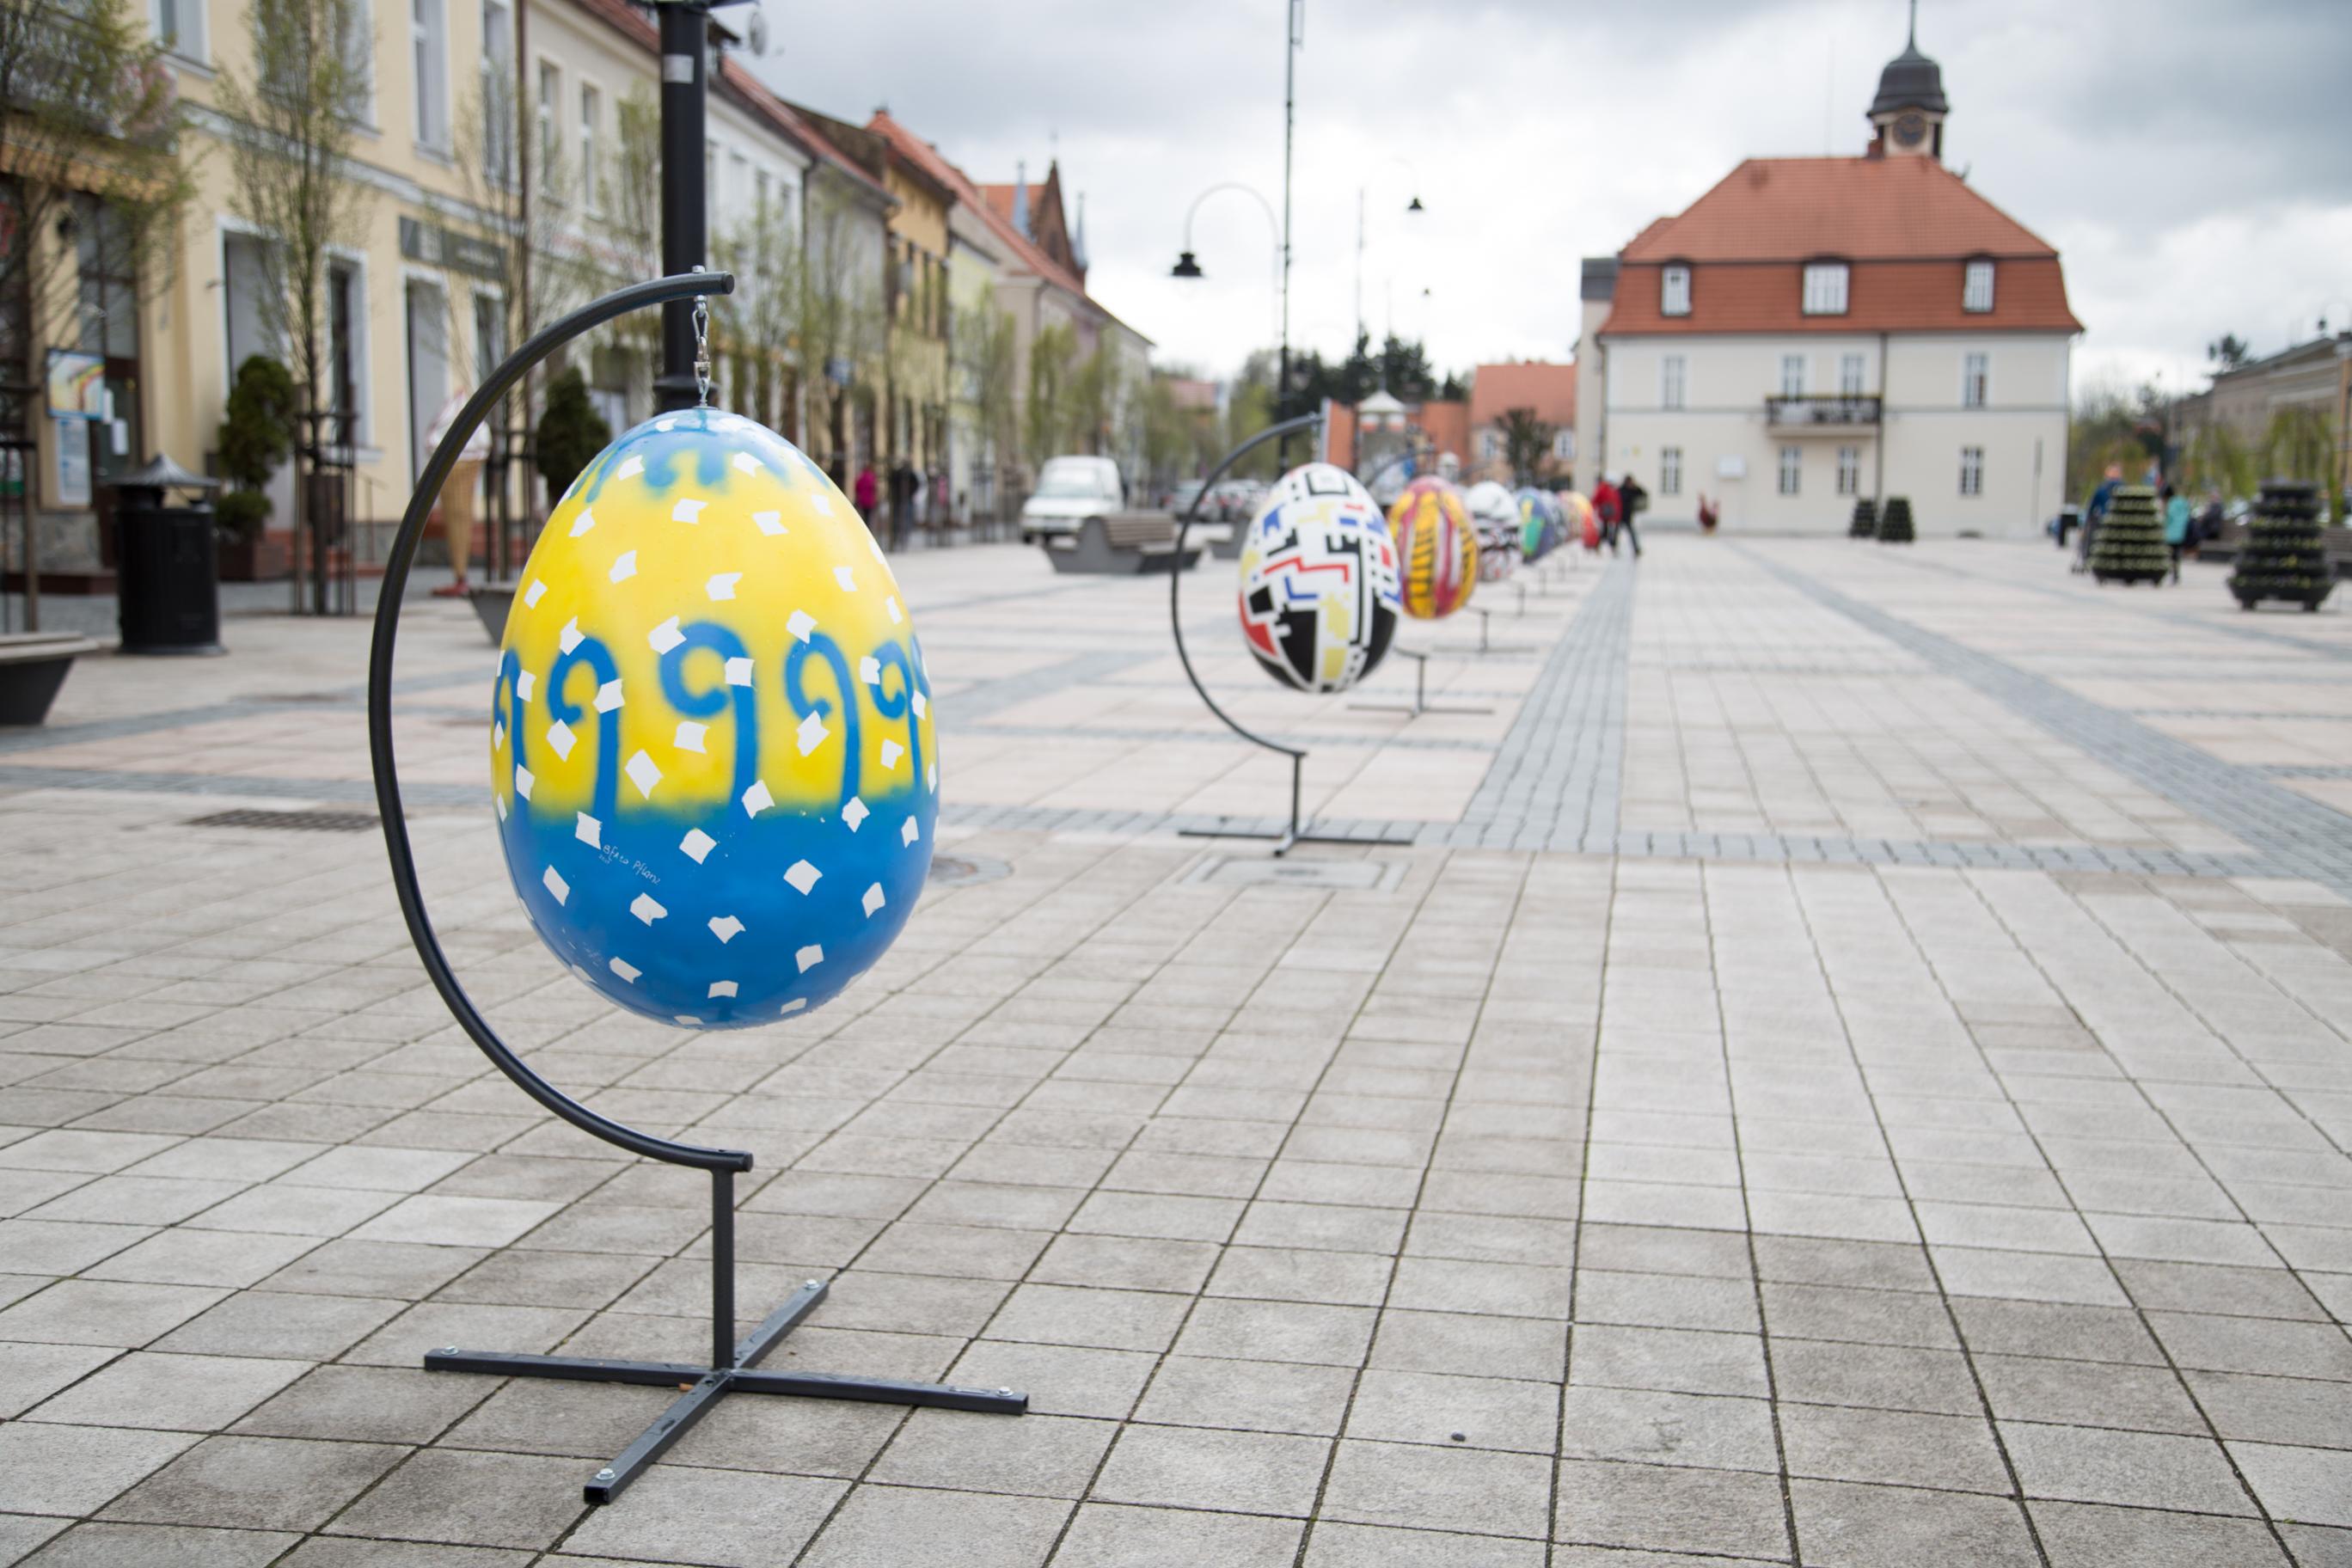 wielkanocne dekoracje terraeaster terra-pl.eu